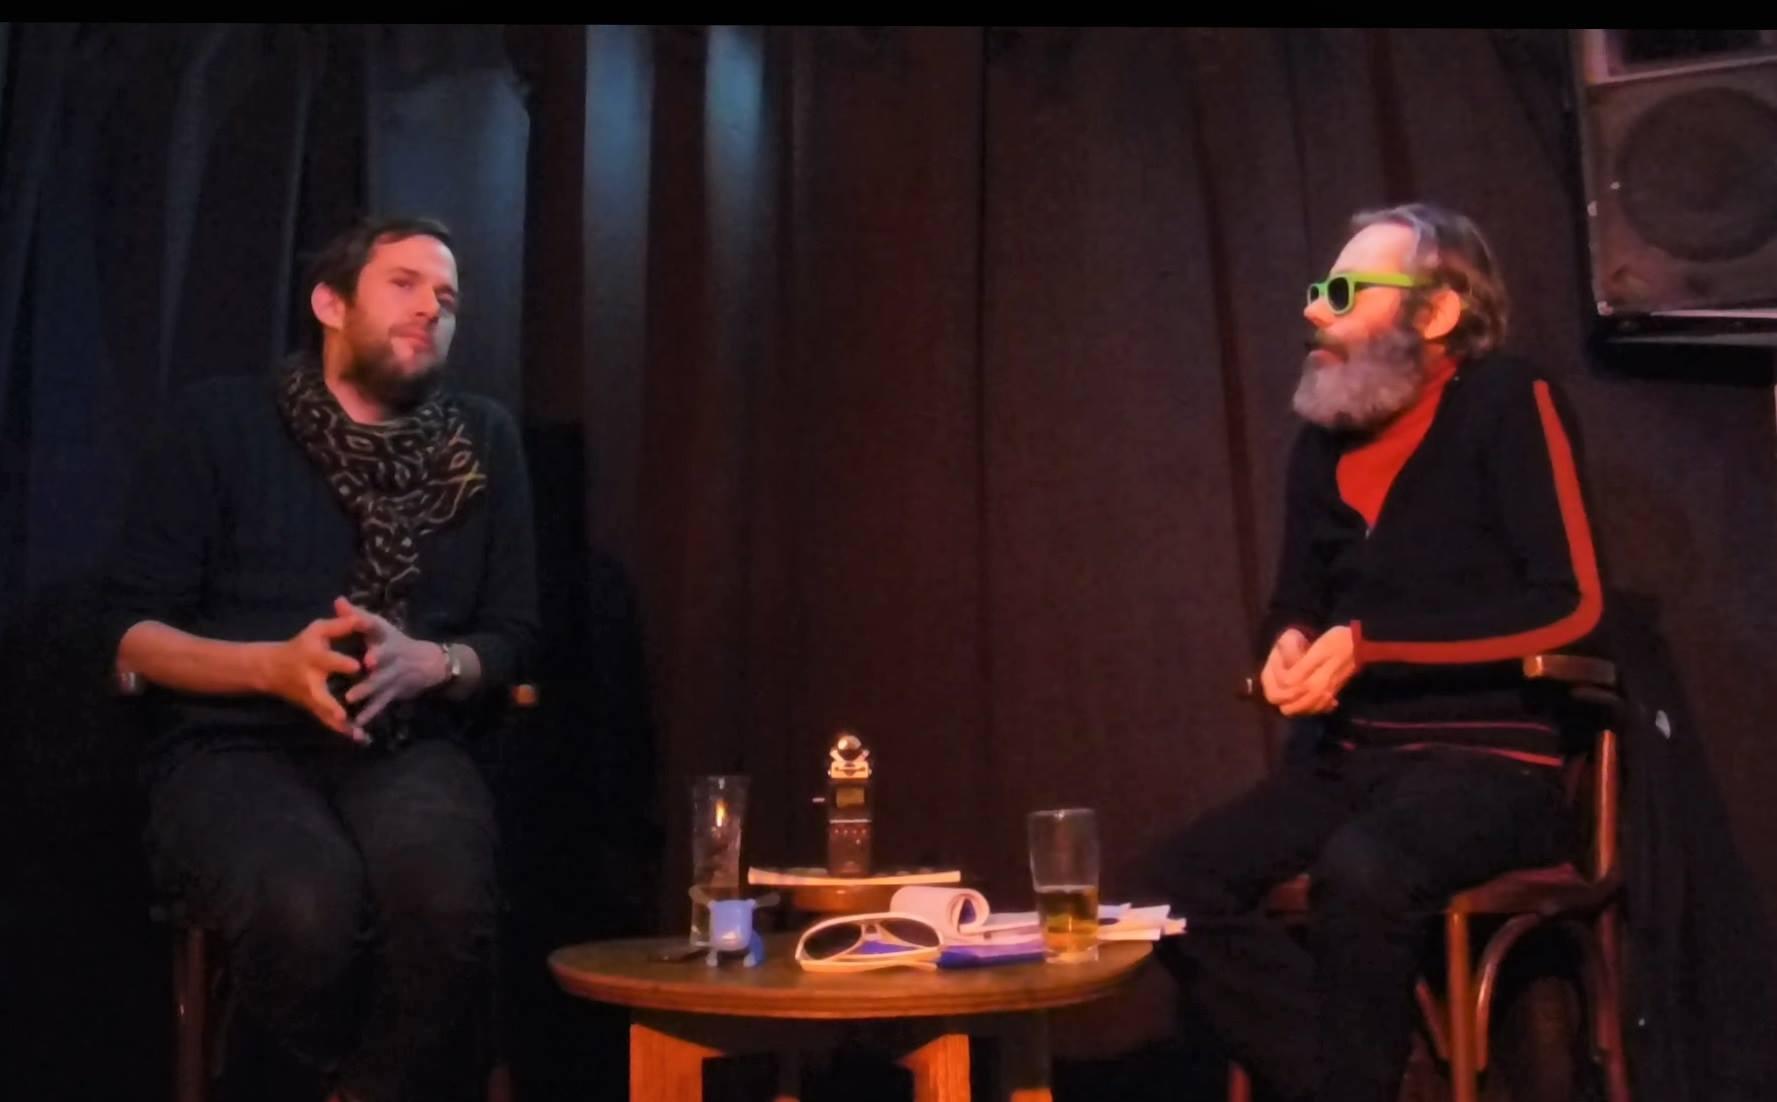 Dans Z Interviewé pour la webradio allo la planete, auguste wood interviewé par fabrice bérard